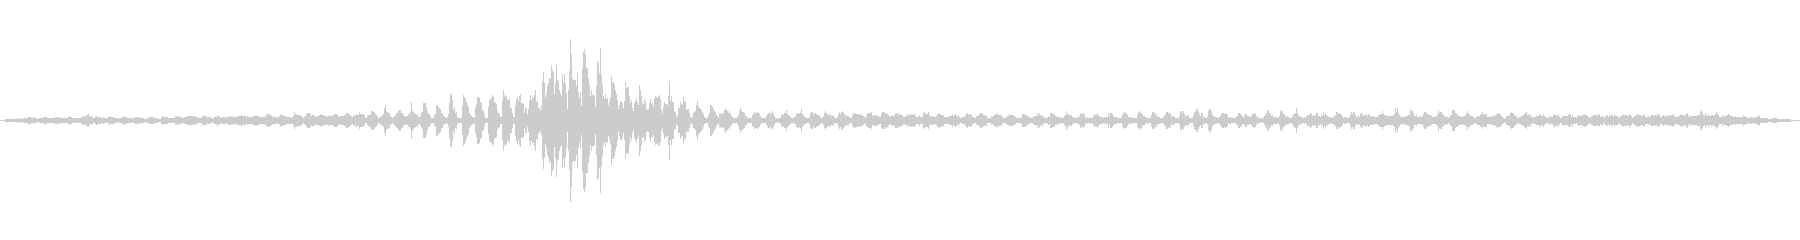 スワンズ、シグナスオロール、パッシ...の未再生の波形